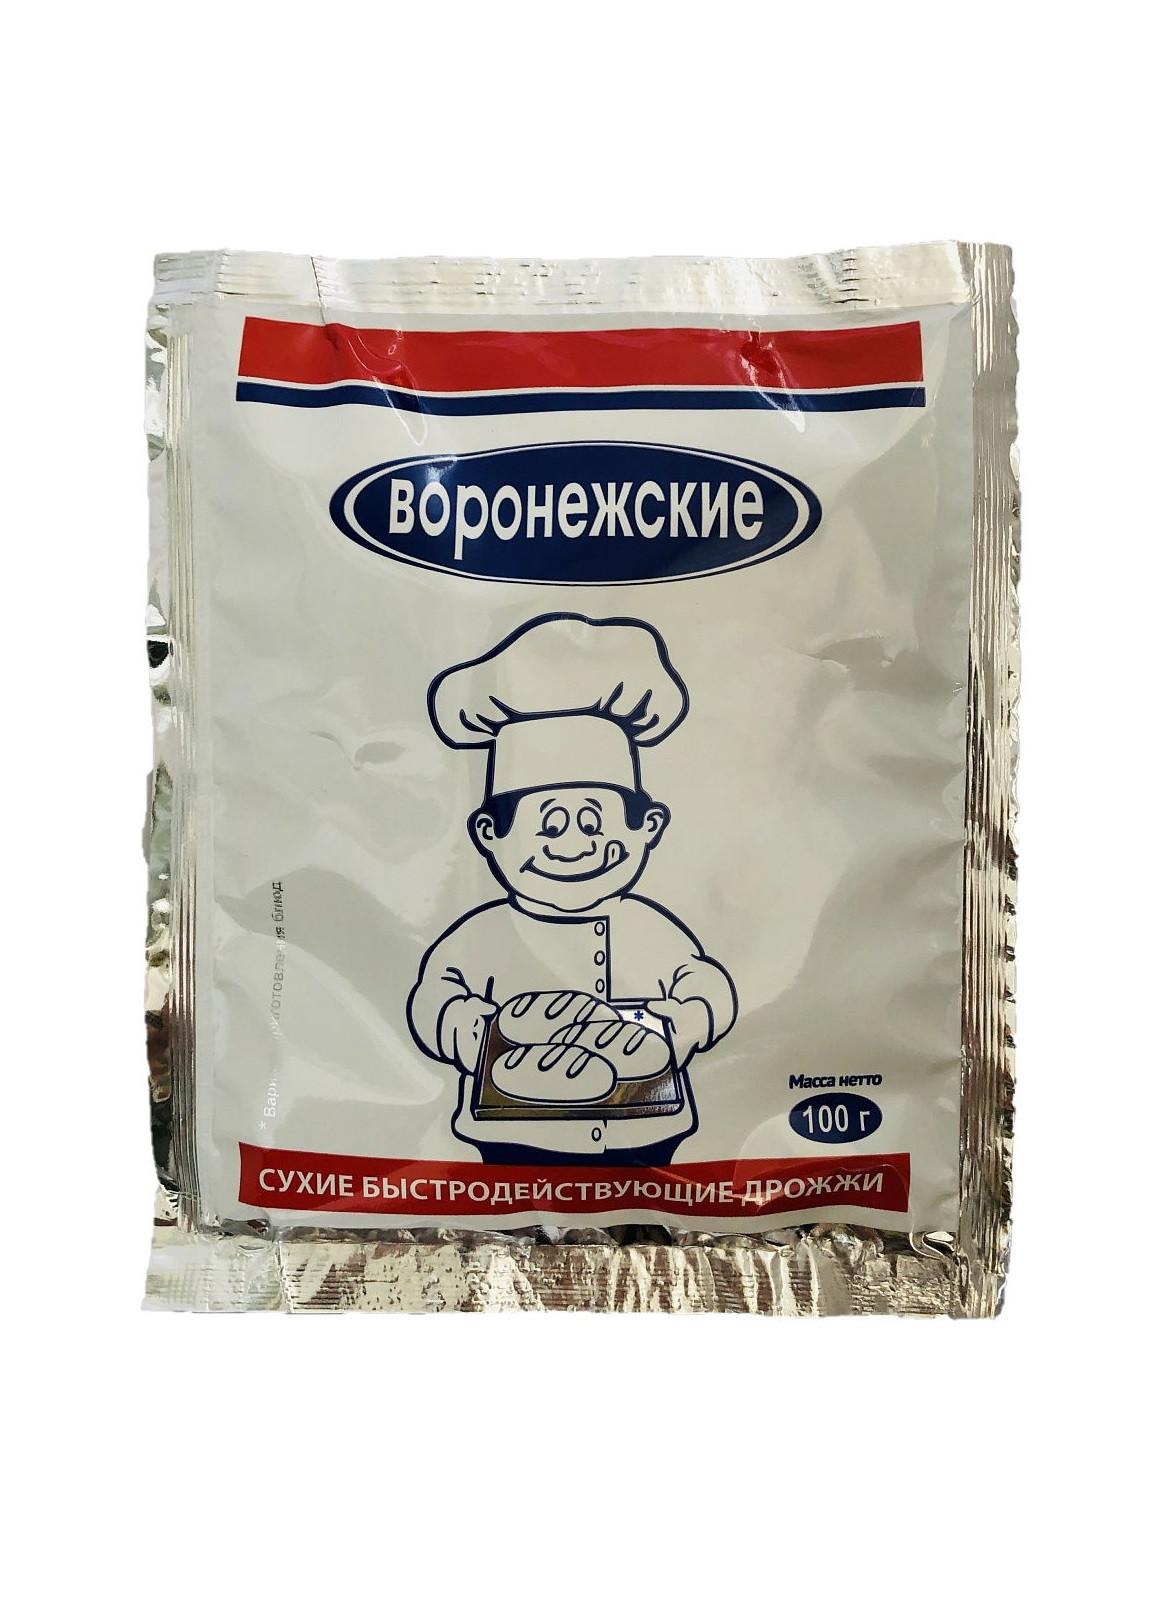 Дрожжи сухие Воронежские, 100 г